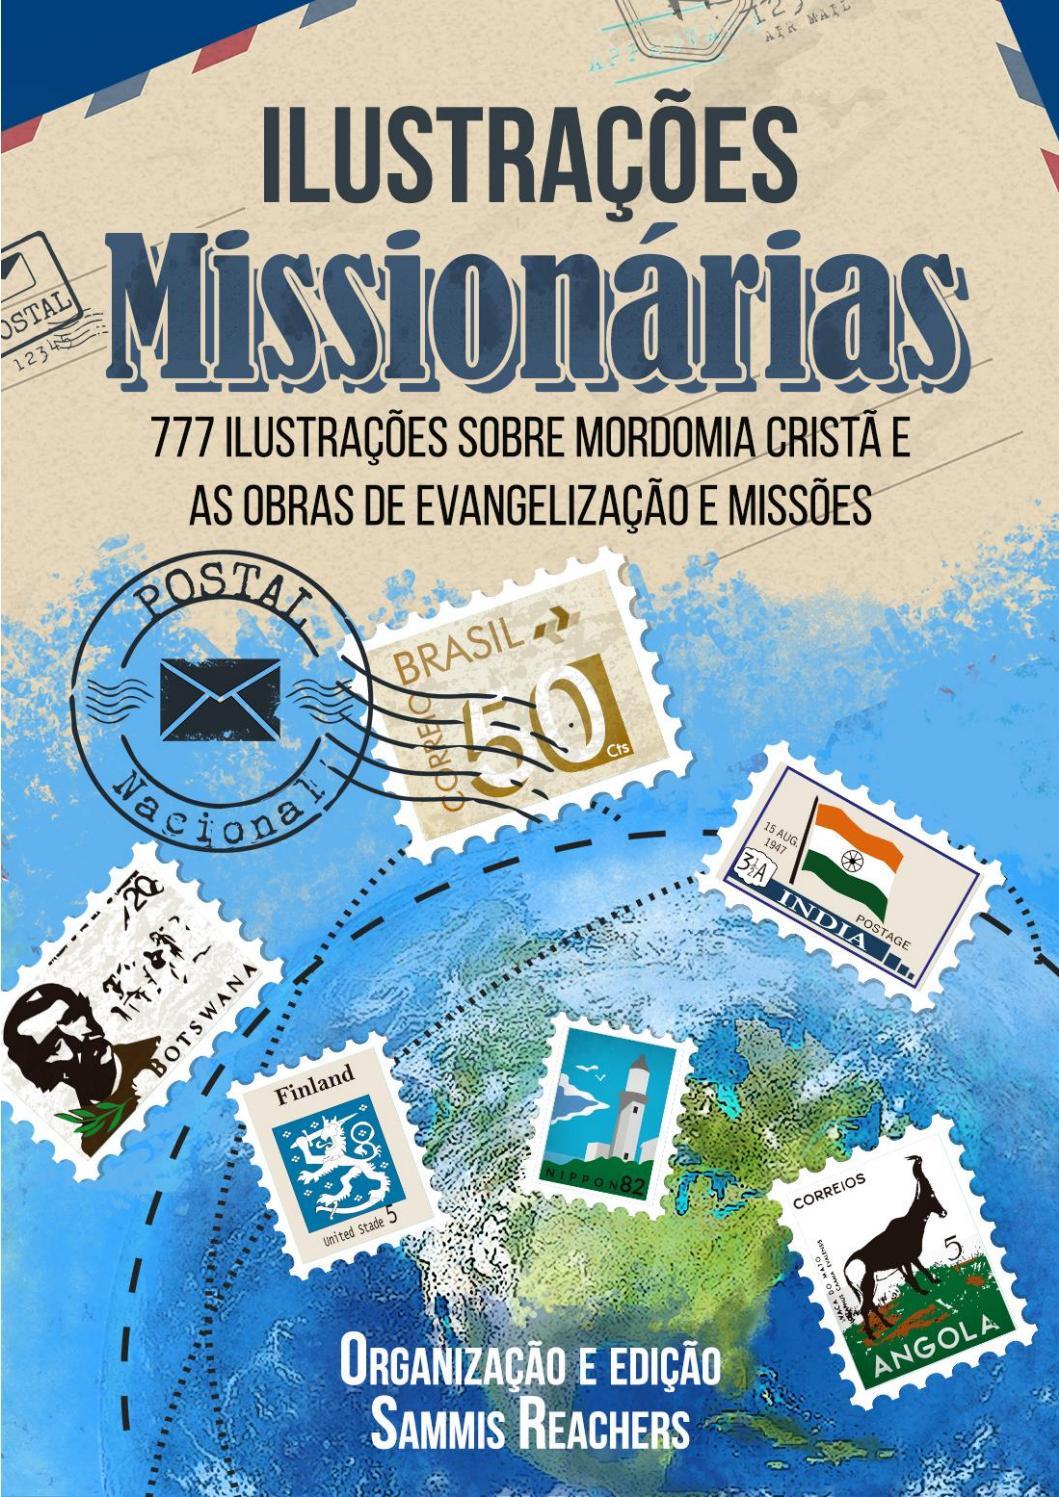 Garotas solteiras missões procuramos 184091